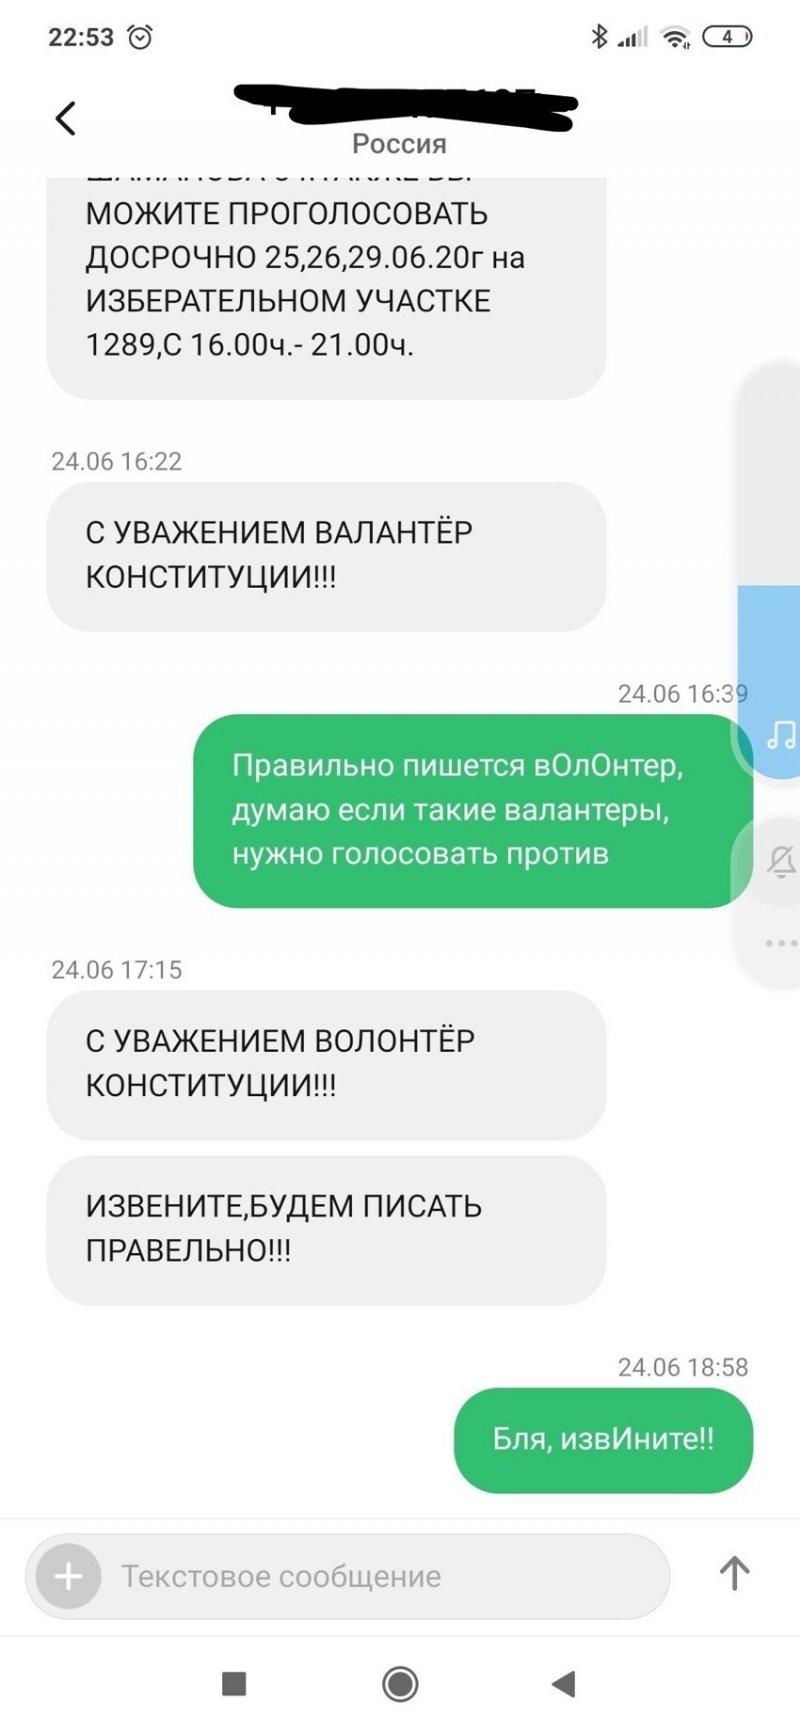 """""""Валантеры"""" Конституции """"извеняются"""" за """"неправельный"""" подход к своей работе"""